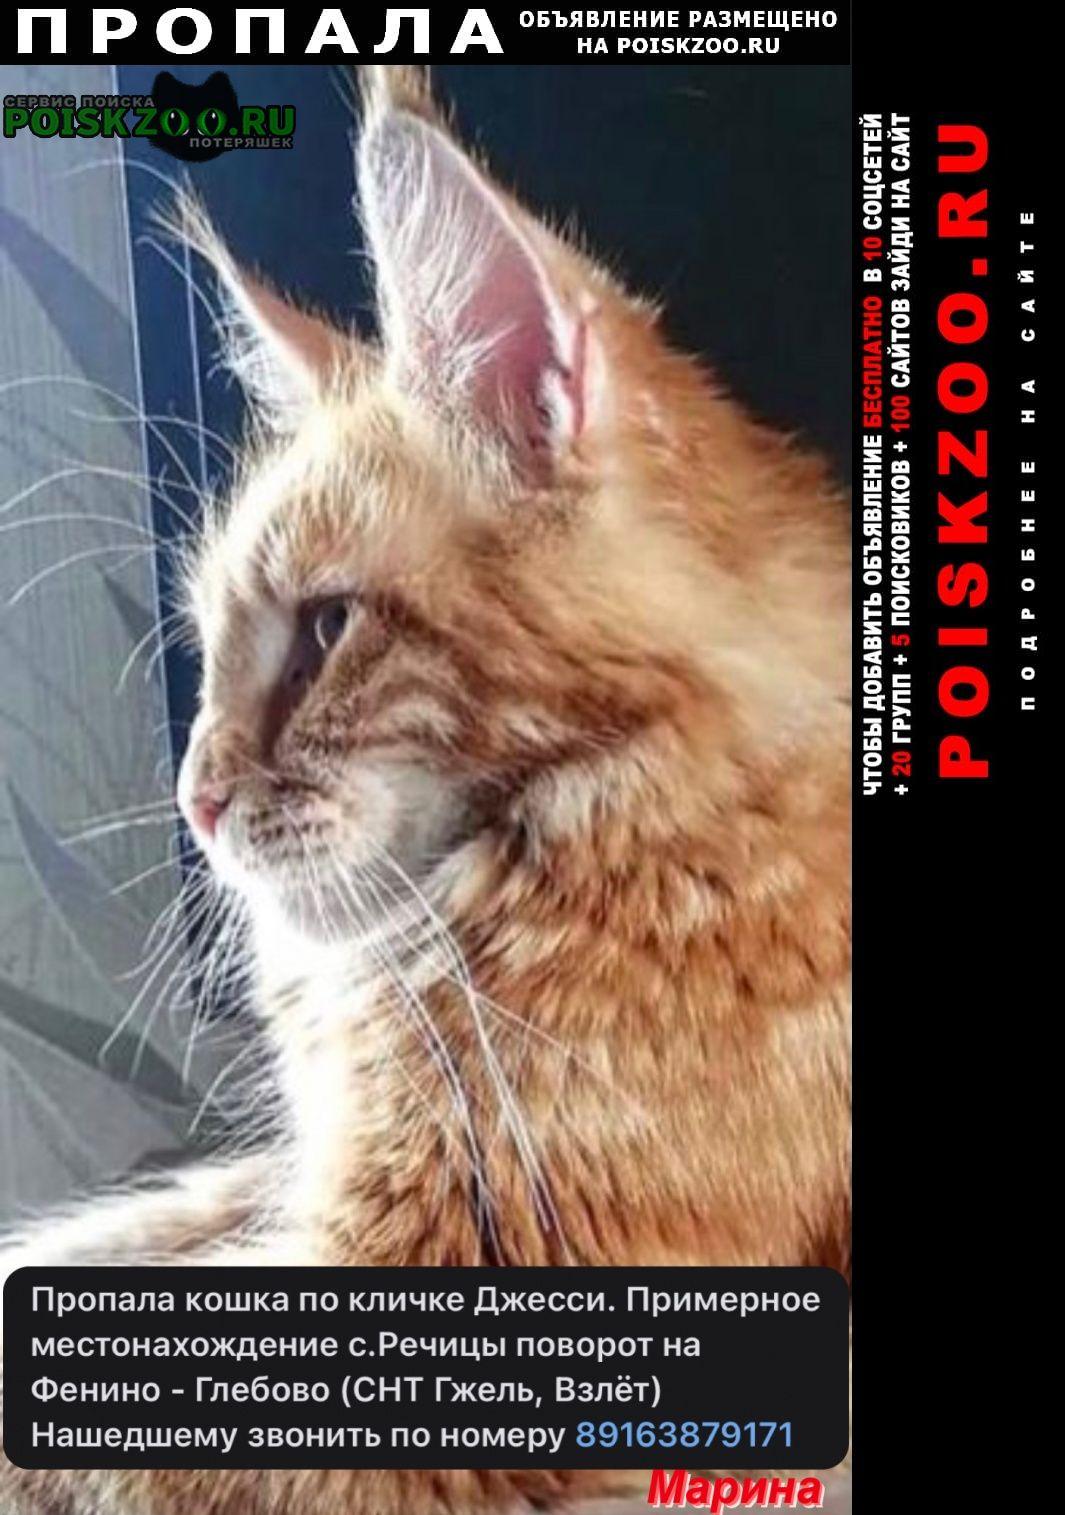 Пропала кошка по кличке джесси Раменское